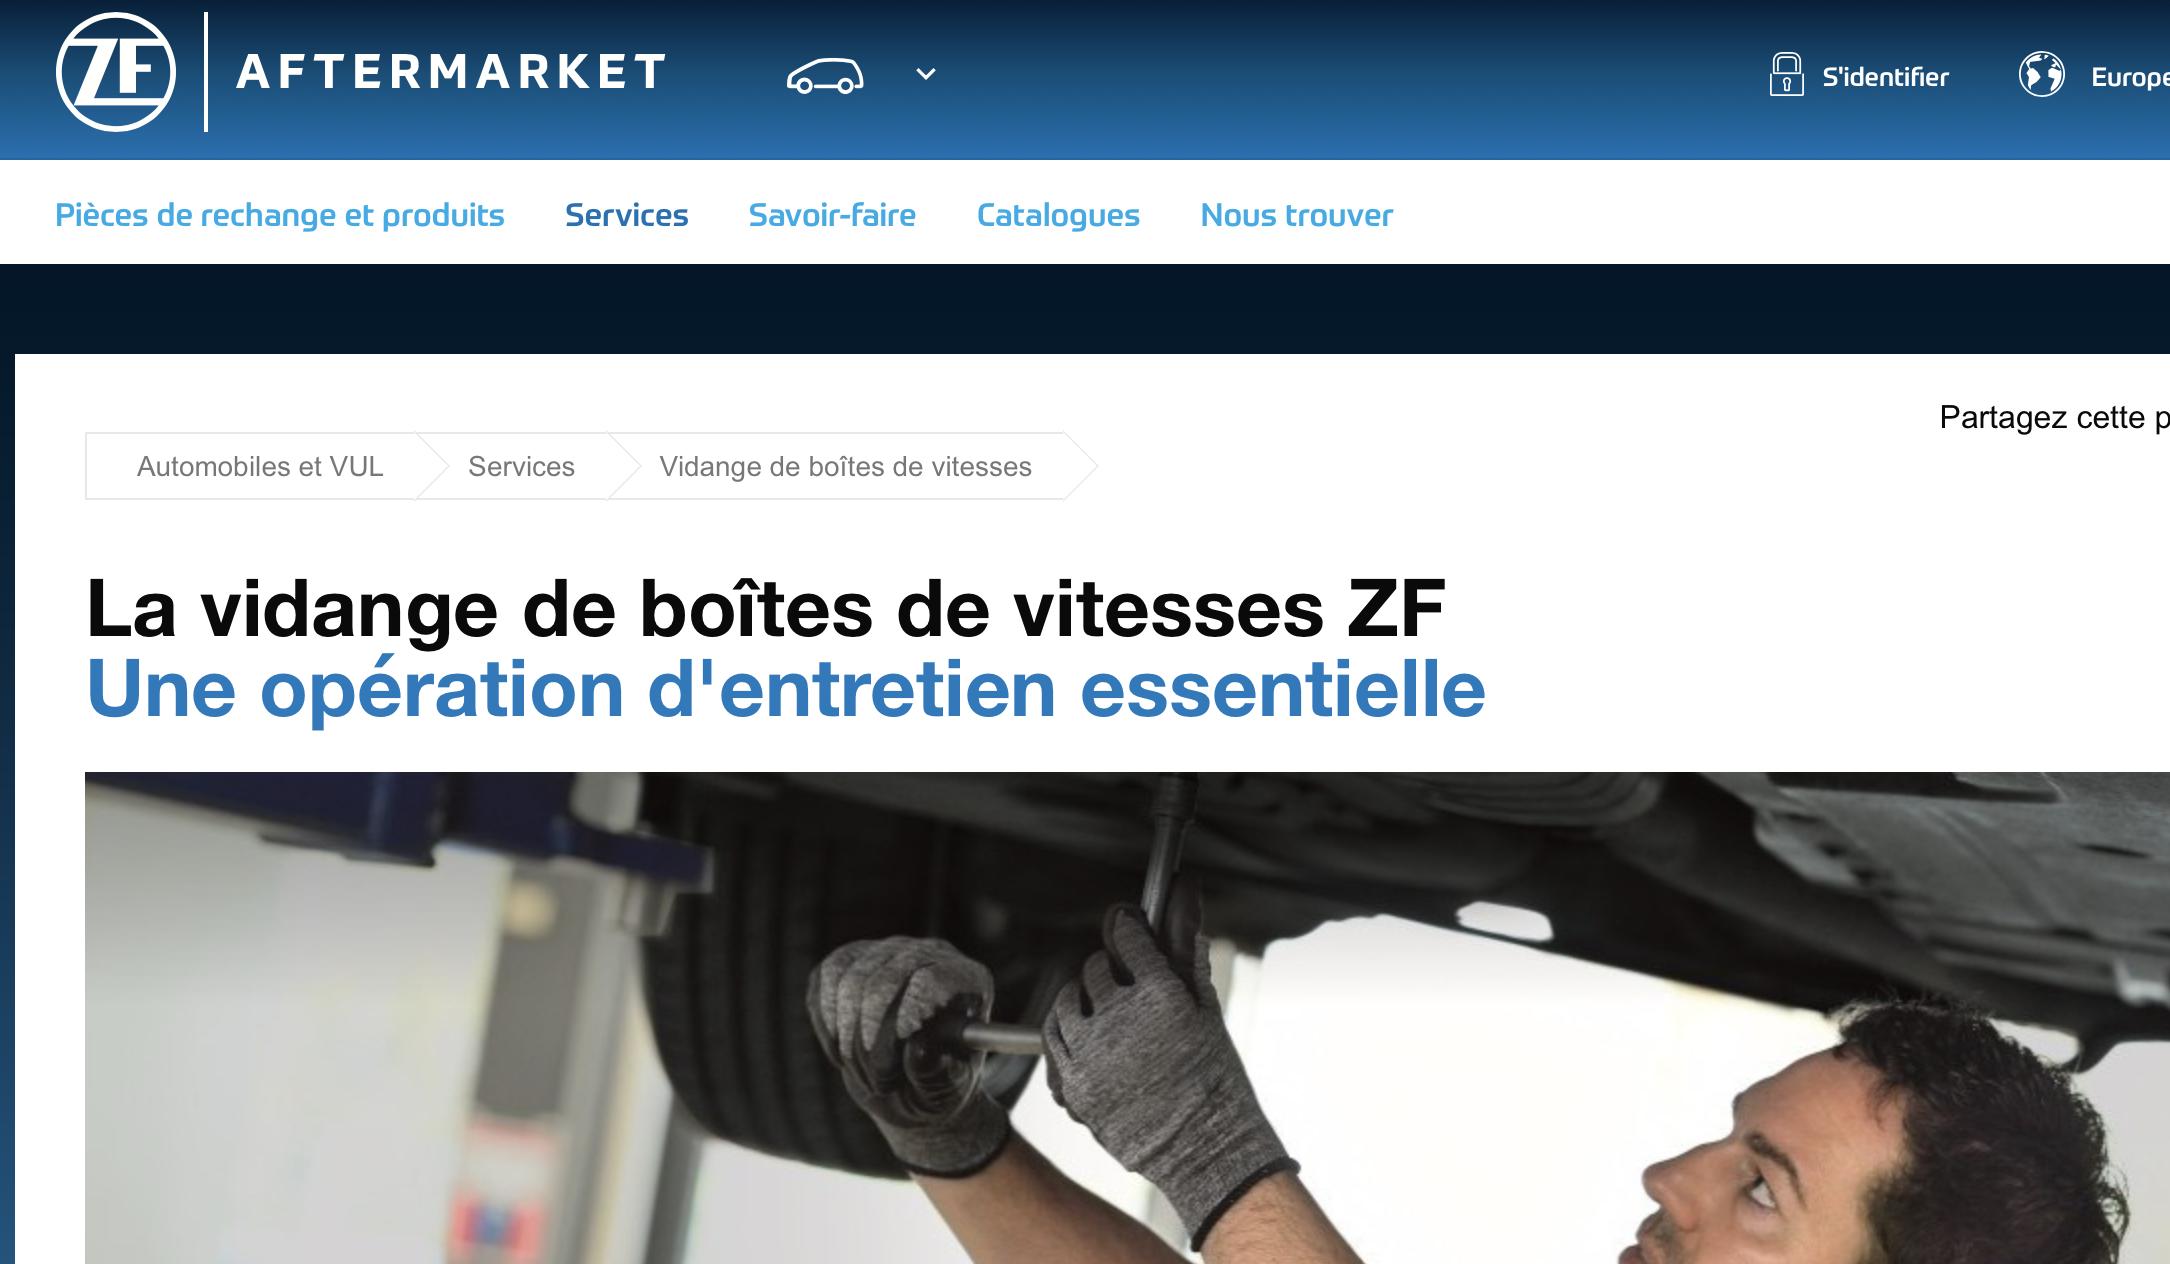 Entretien de boite de vitesse automatique ZF